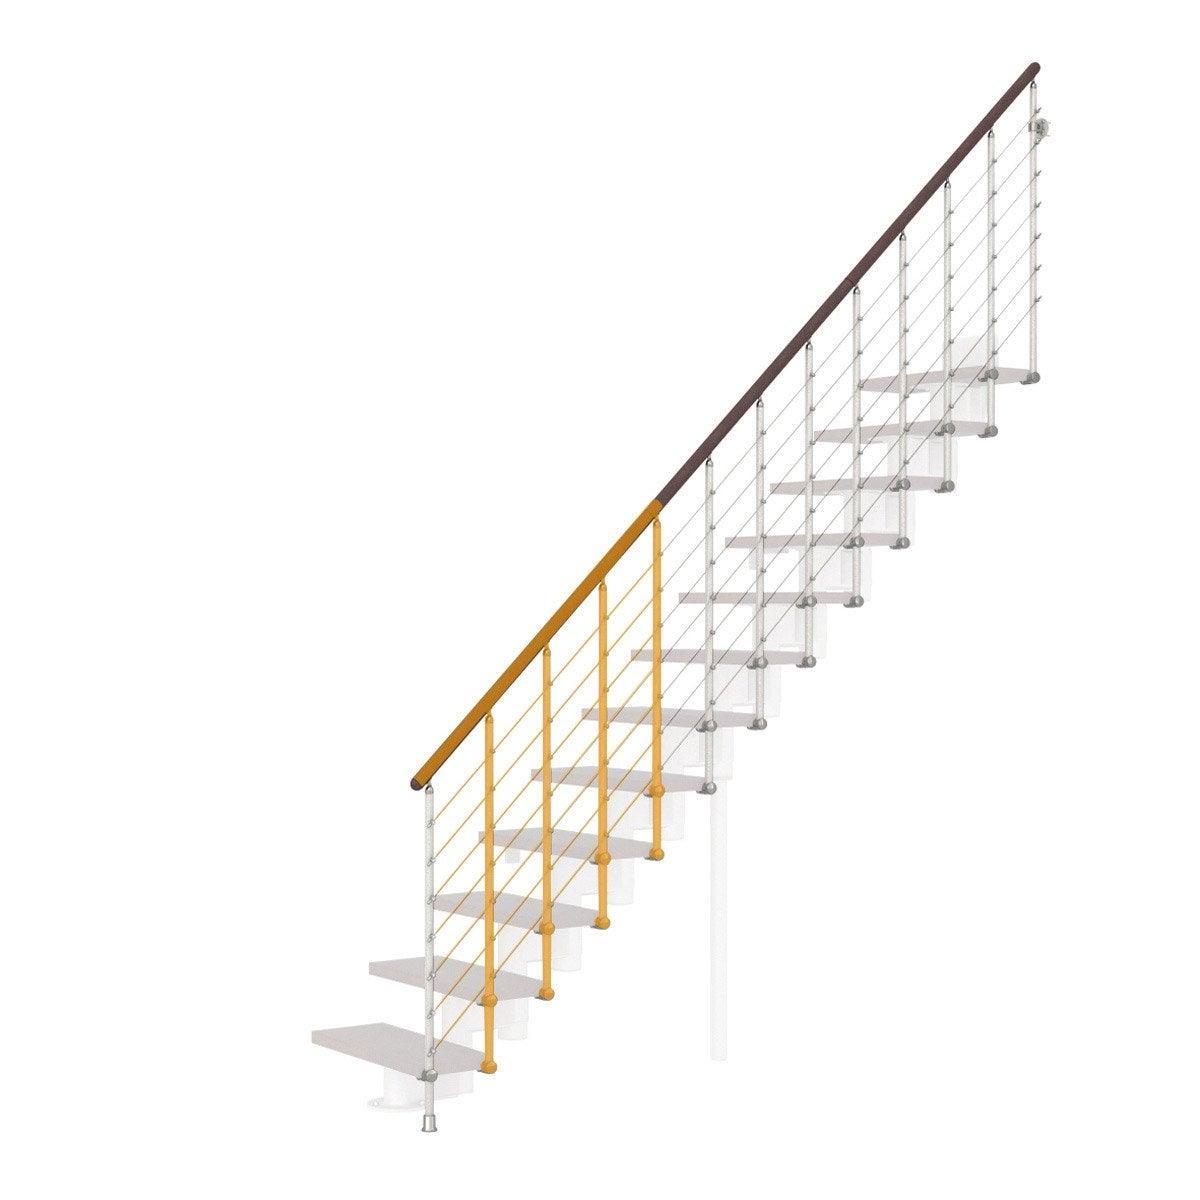 Garde Corp Bois Leroy Merlin : Garde-corps pour escalier Mini Line blanc en bois fonc? PIXIMA